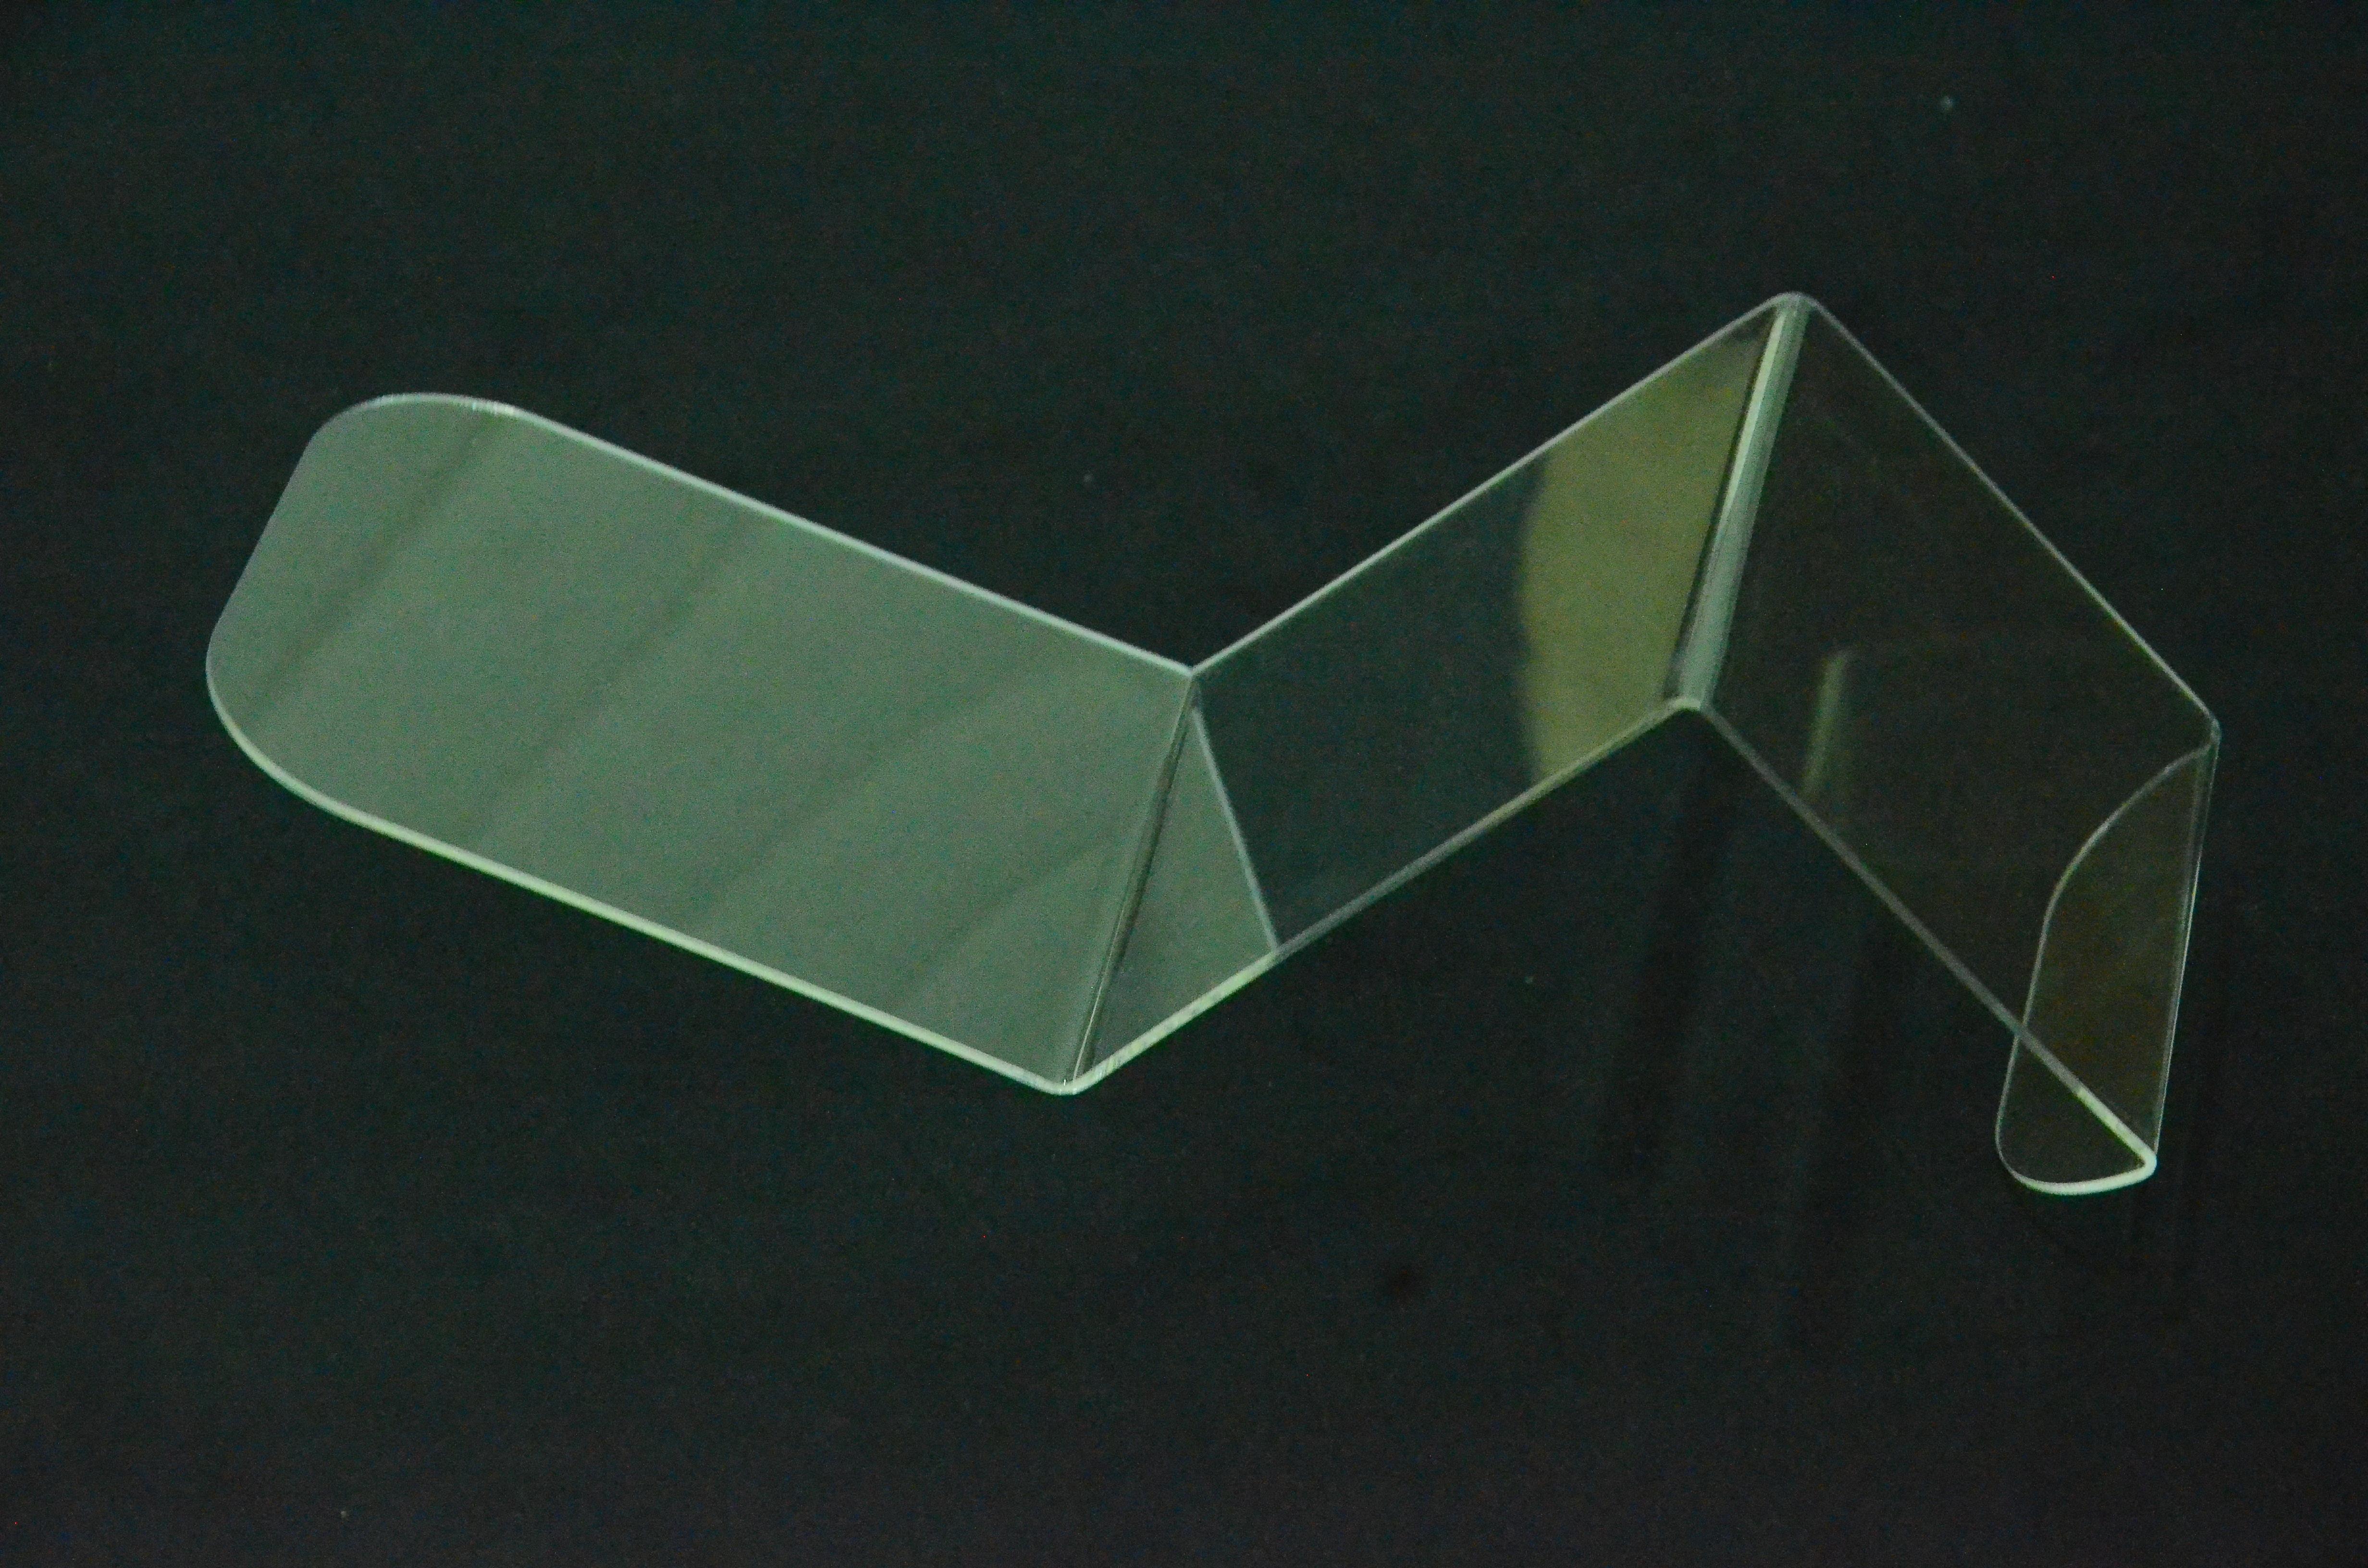 Acrylic Shoe Display Stand